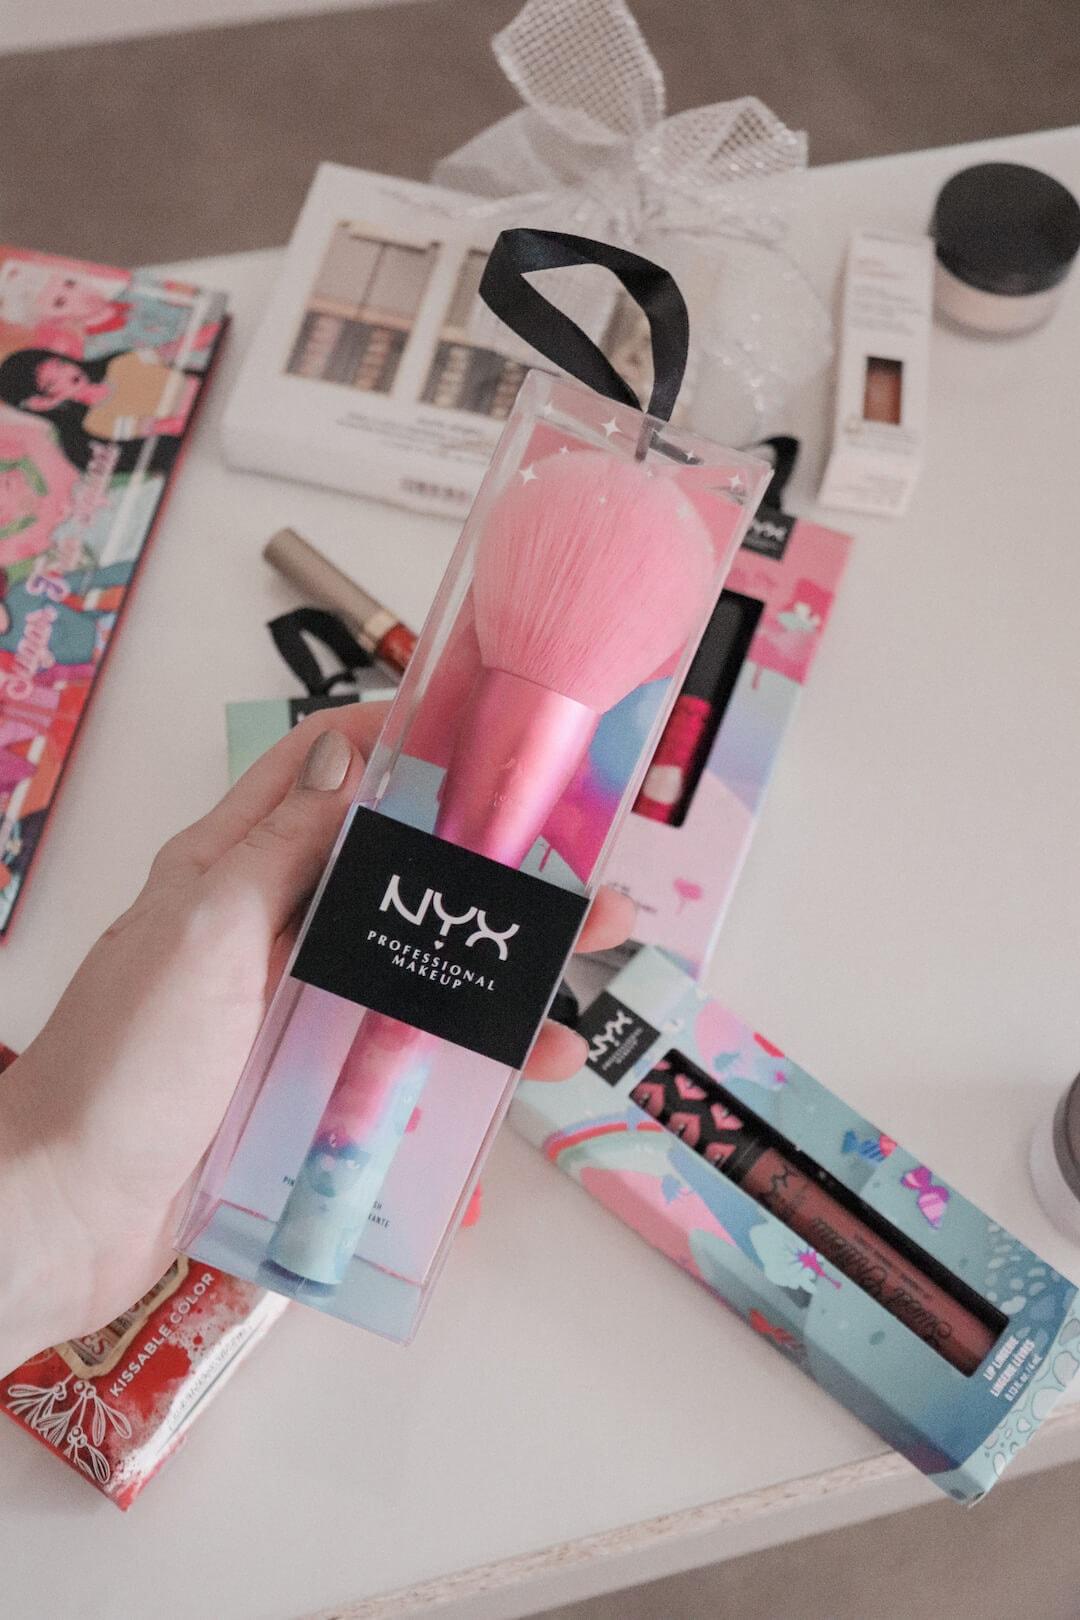 nyx-brushes-pink